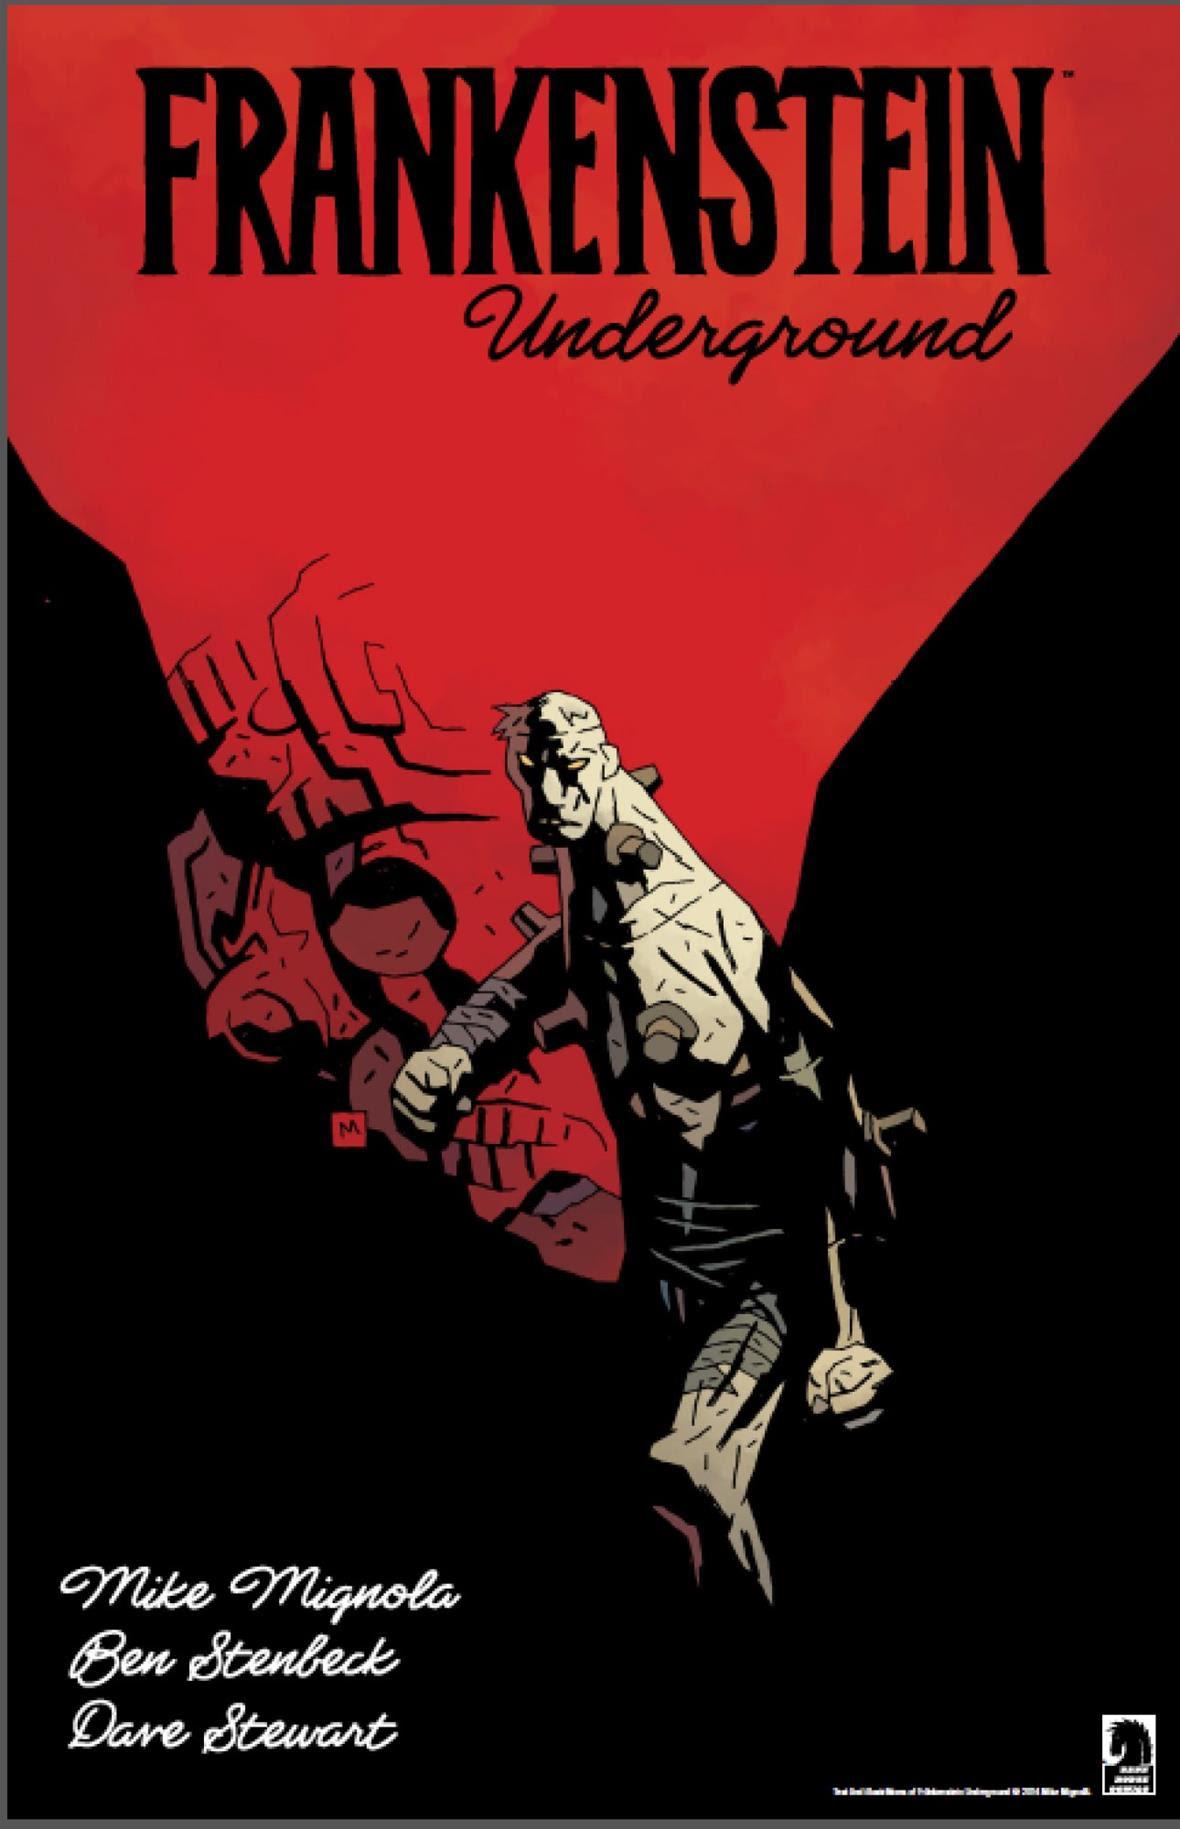 Frankenstein Underground cover